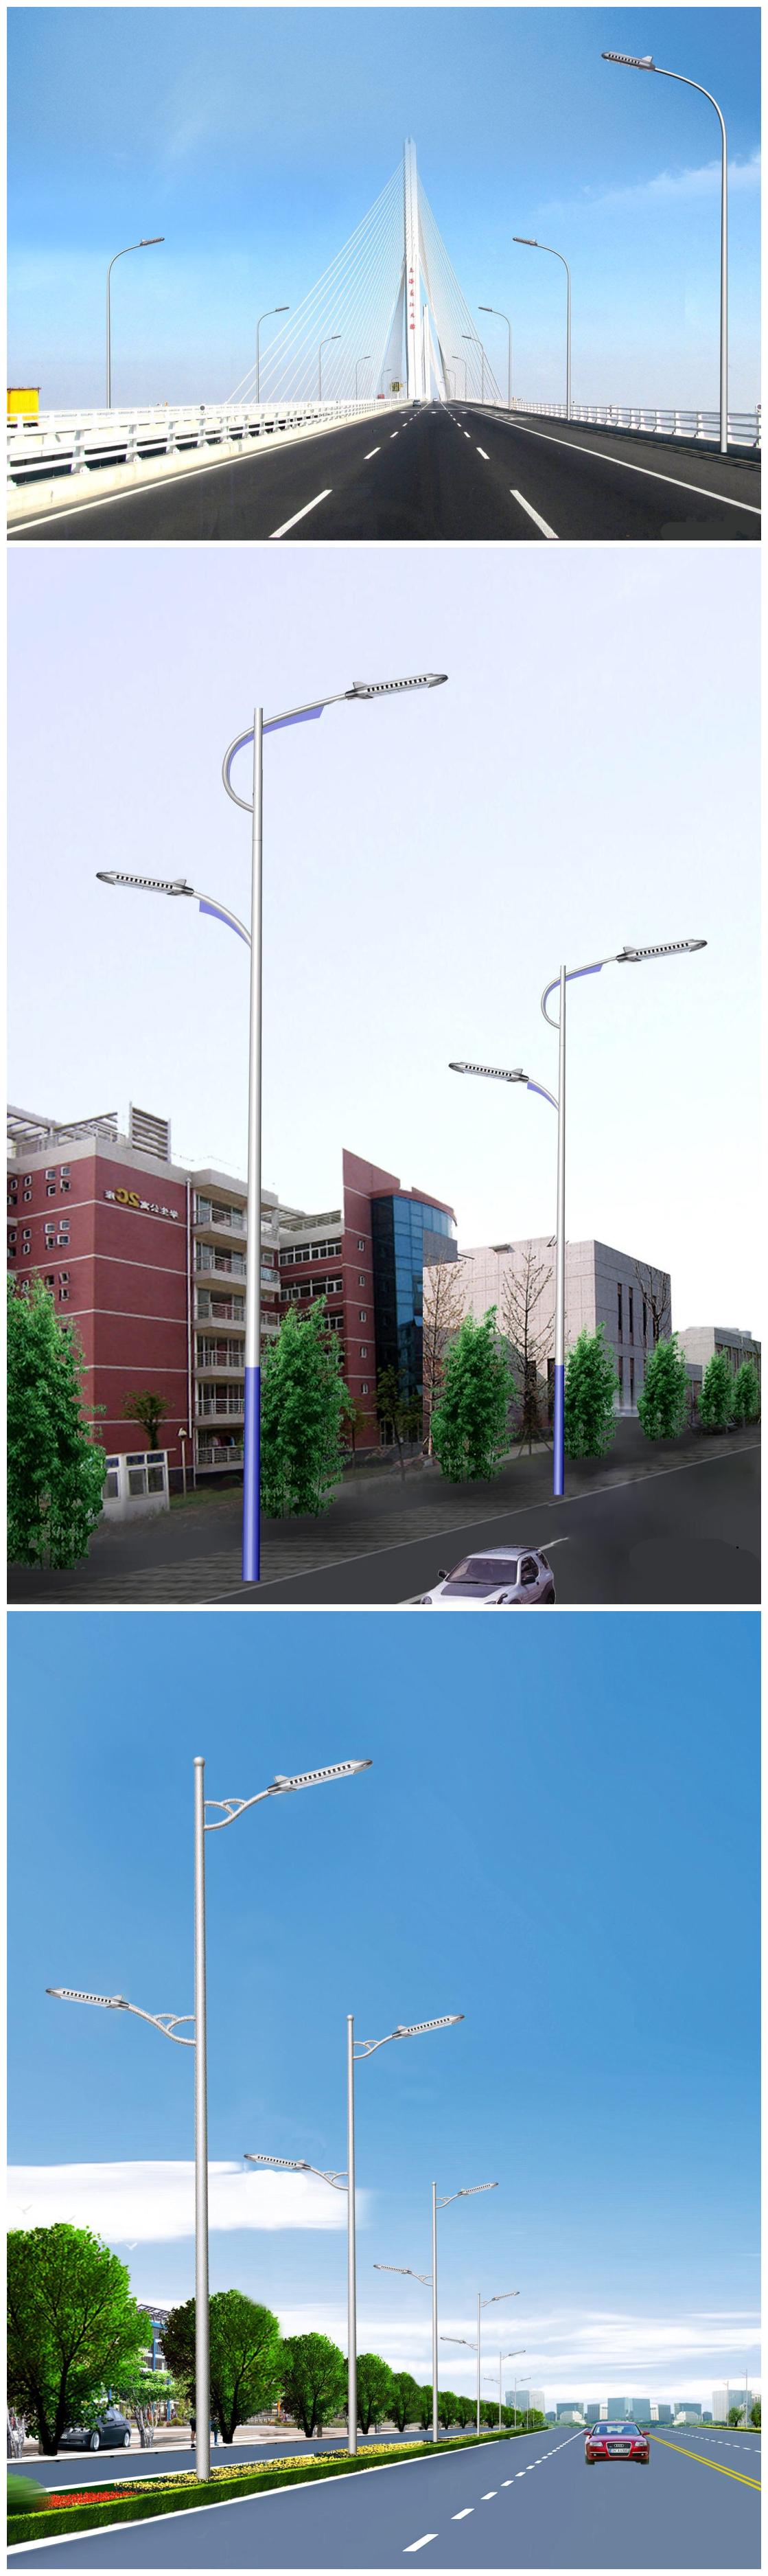 luminaria solar alumbrado publico